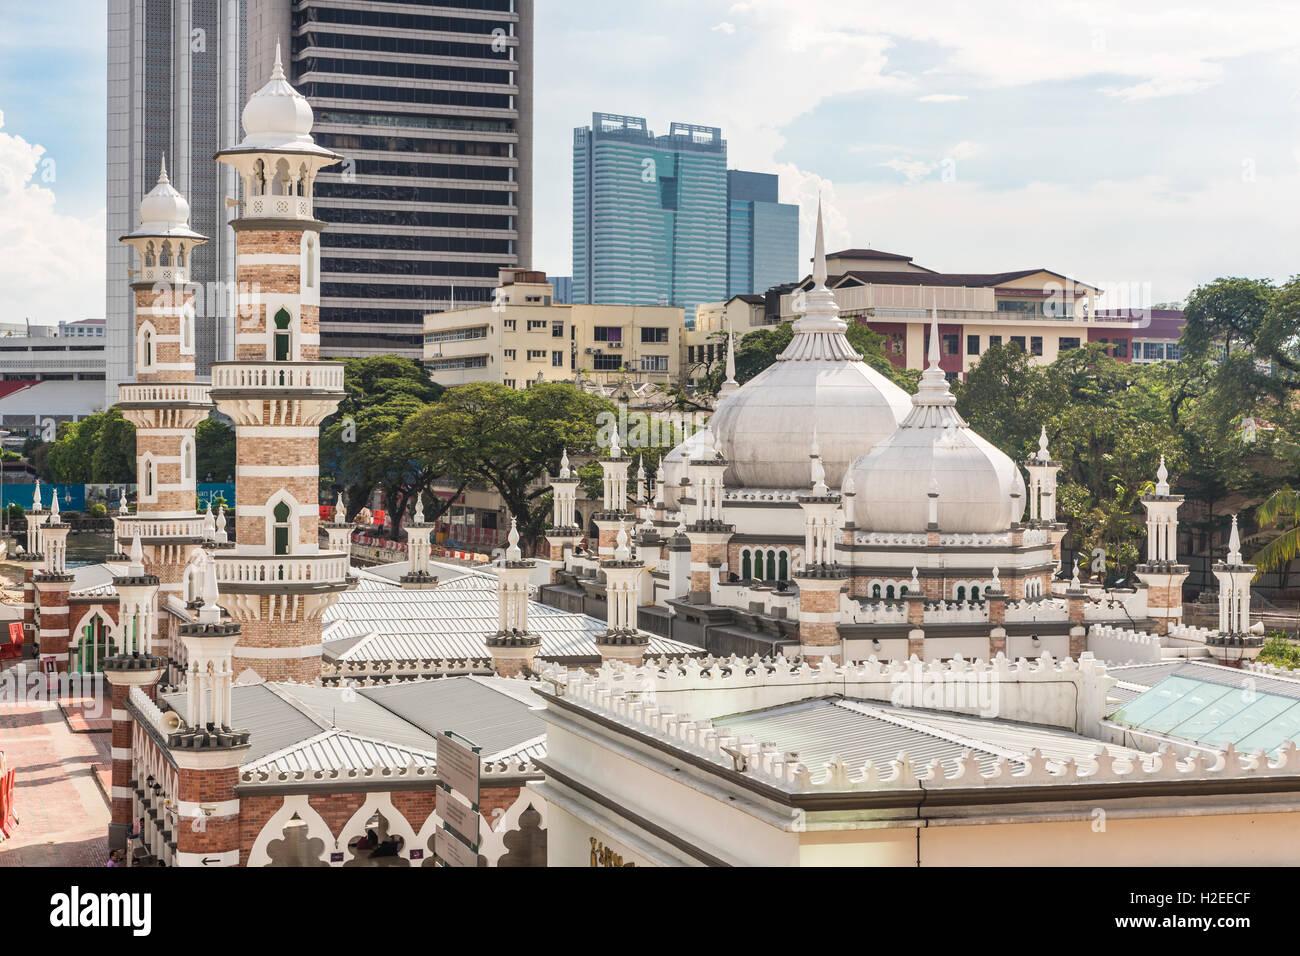 Jama Masjid (Mezquita) o en el centro del distrito de negocios de Kuala Lumpur, capital de Malasia. La ciudad es Imagen De Stock